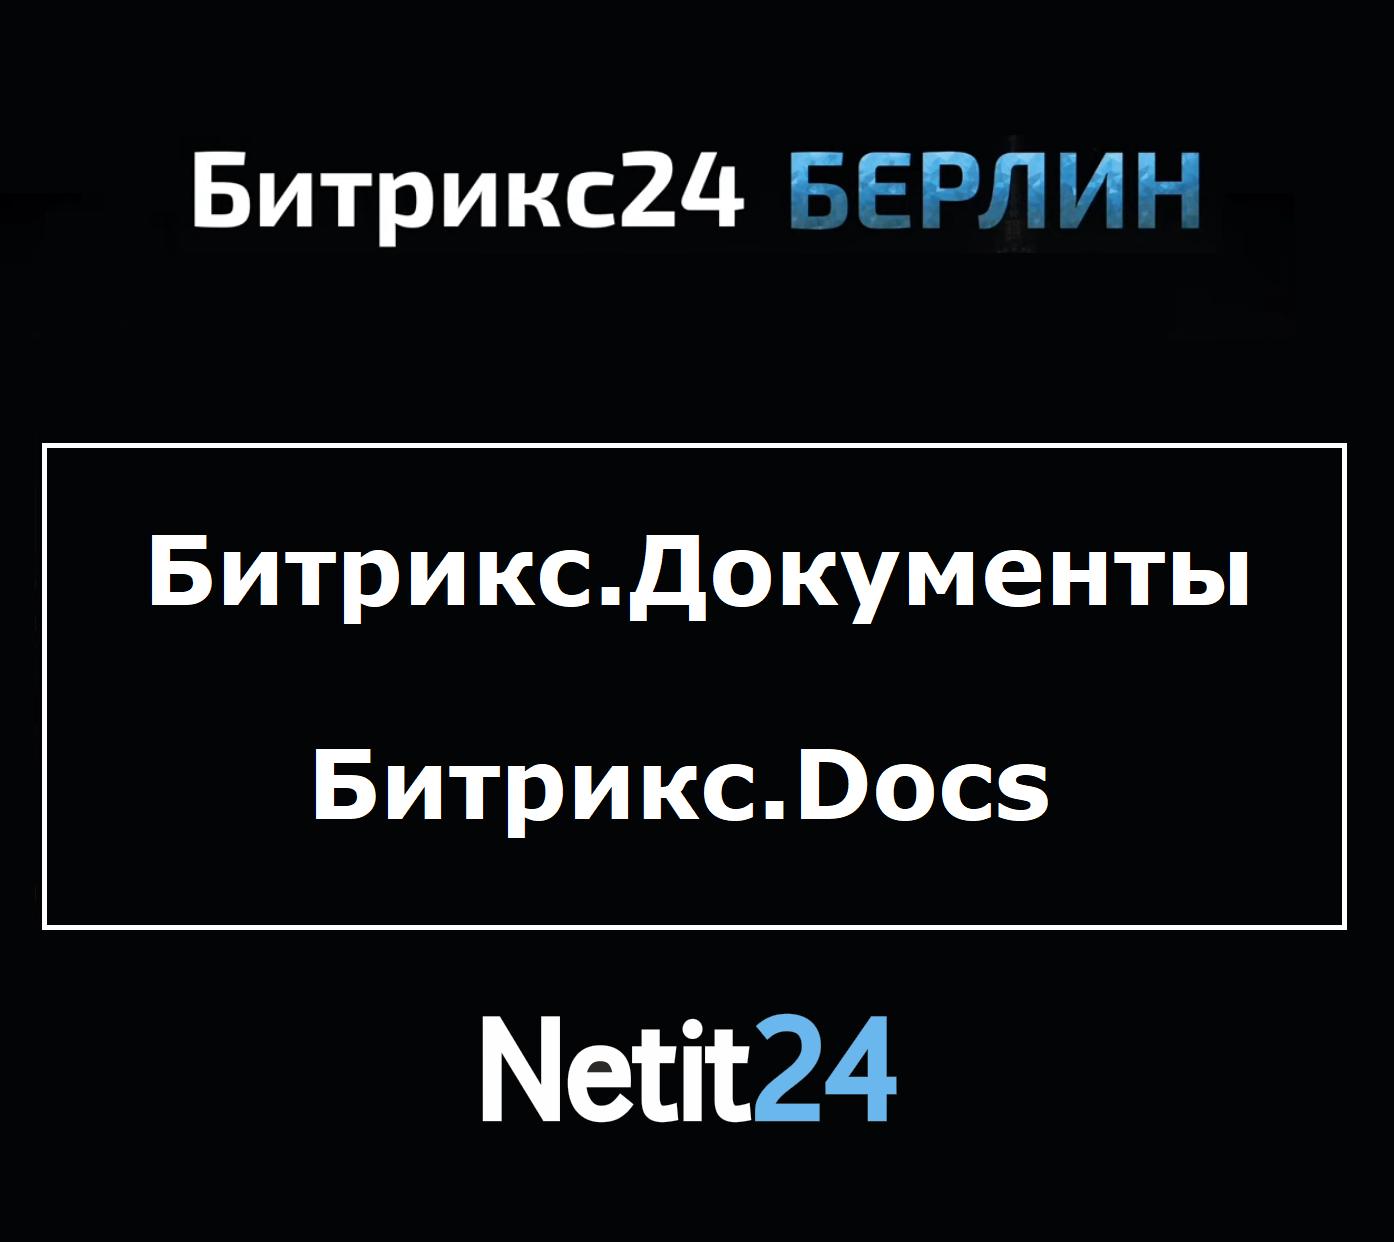 Битрикс.Документы новый функционал Битрикс24. Битрикс.Docs как создать документы в Битрикс24 Netit24